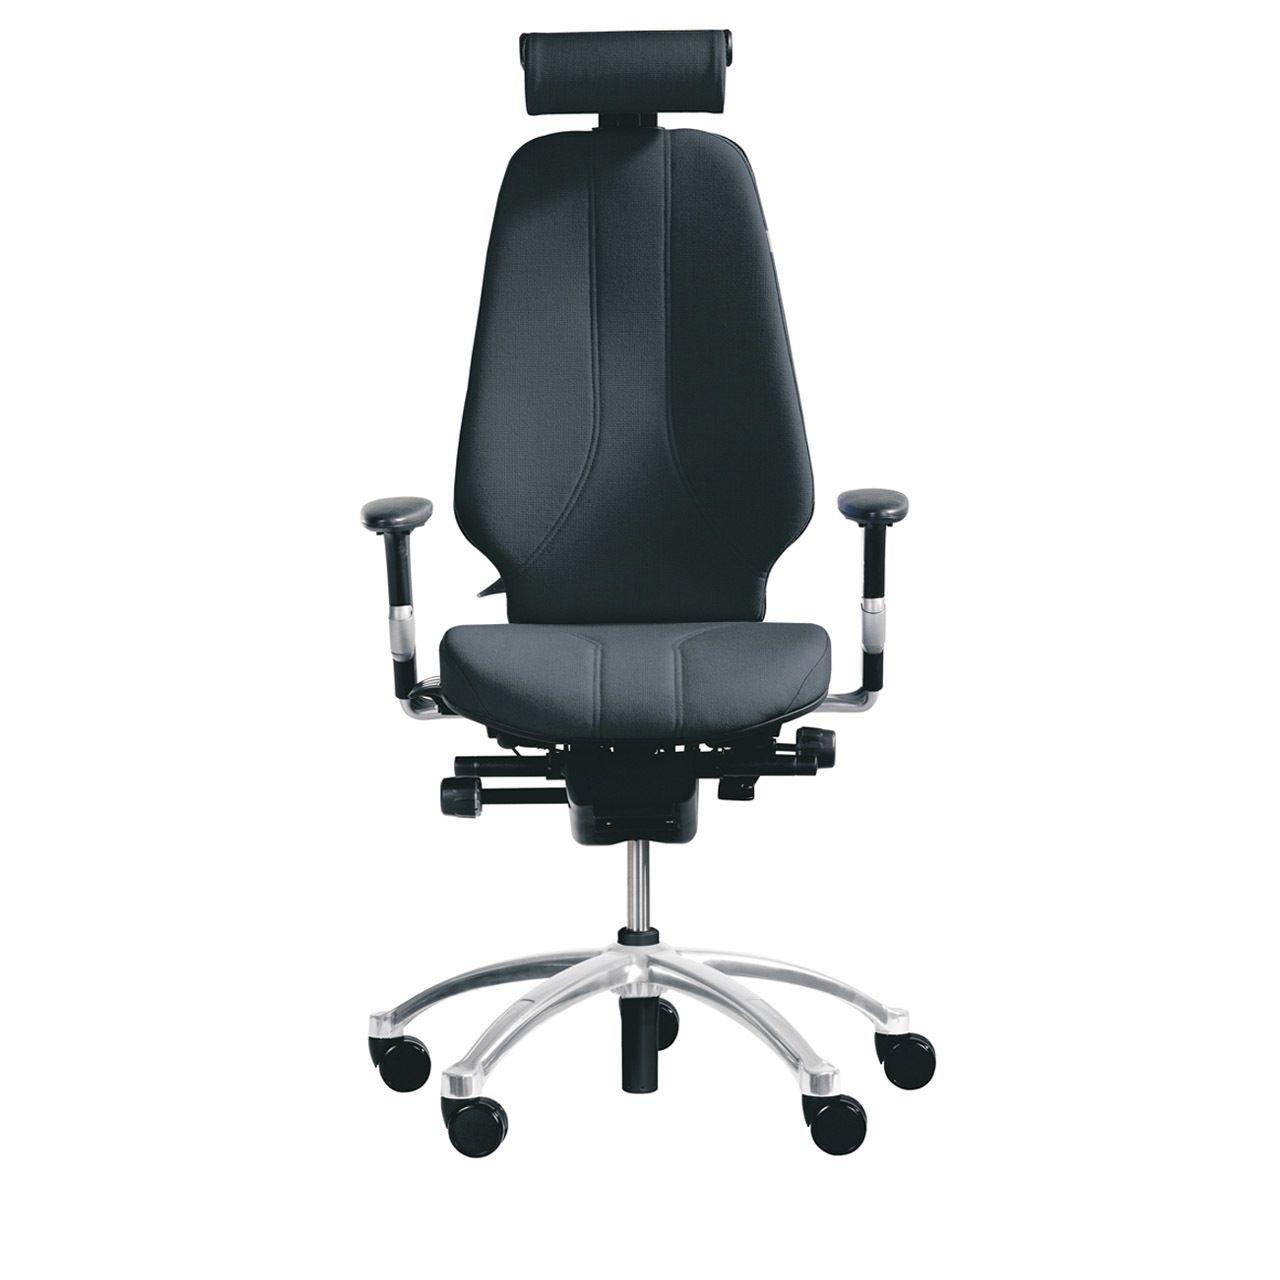 RH Logic 400 ergonomische bureaustoel voorkant